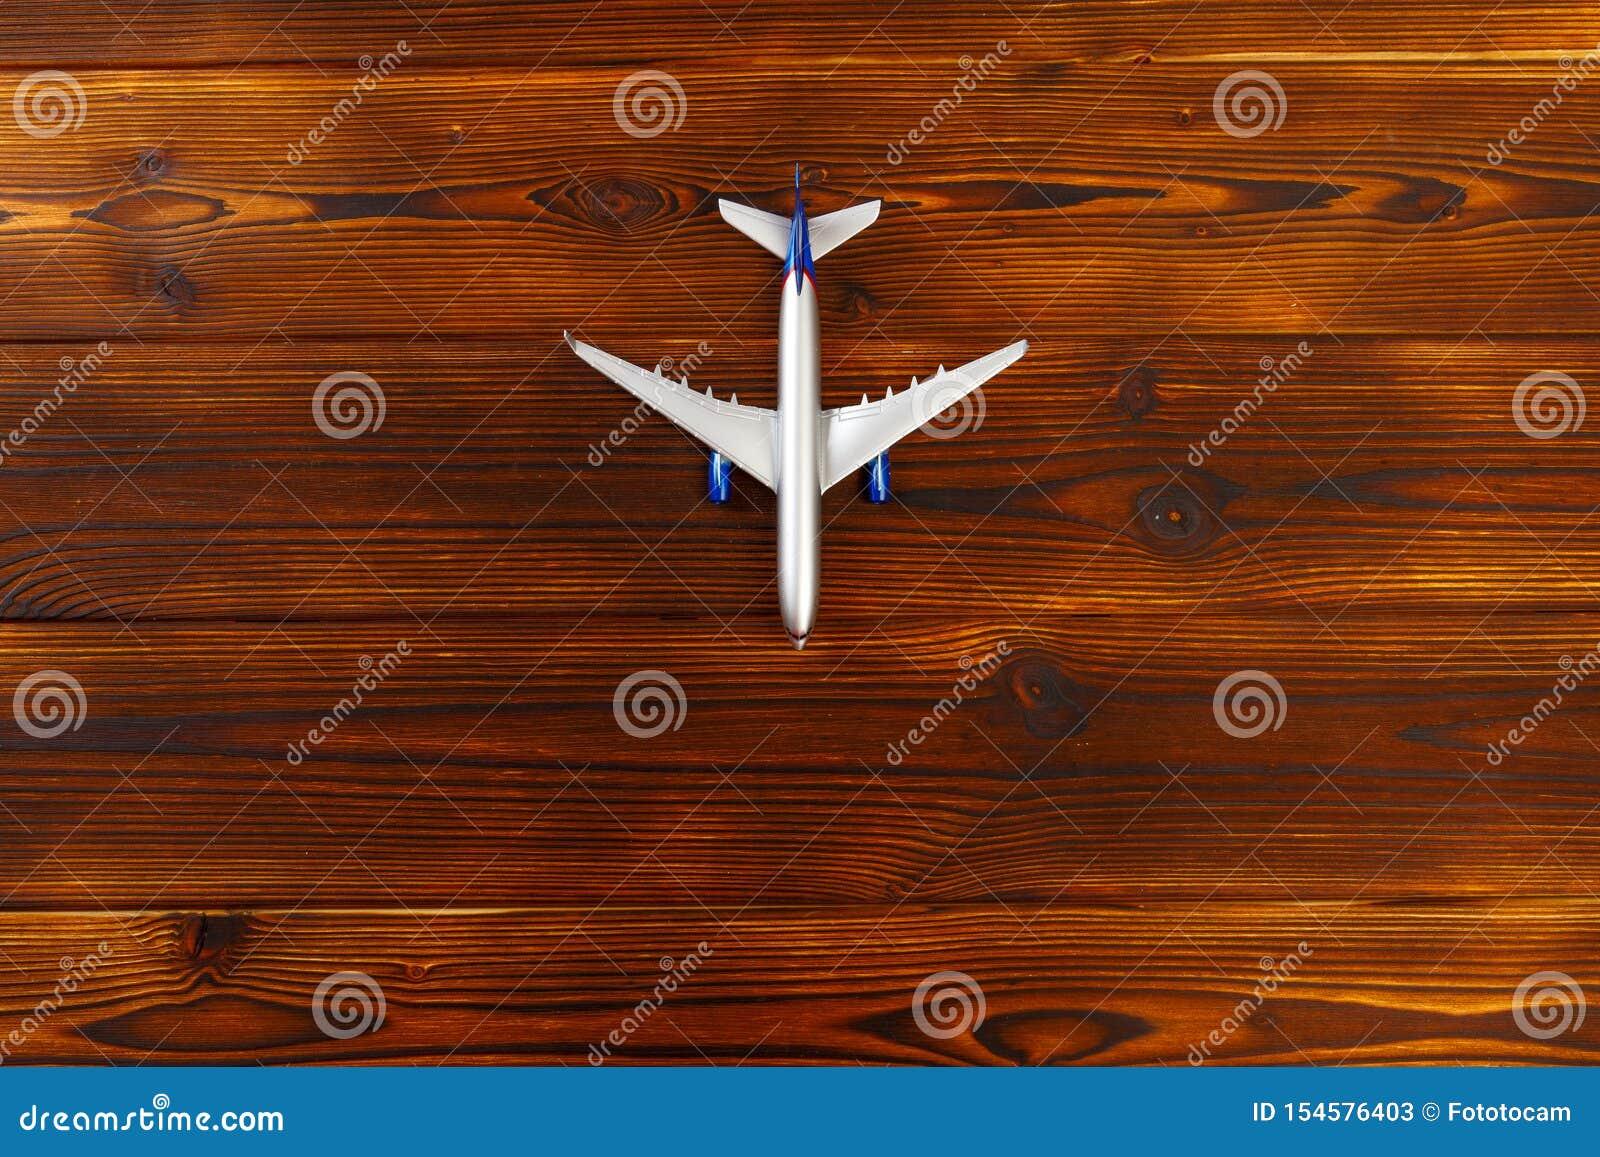 玩具飞机顶视图照片在木背景的